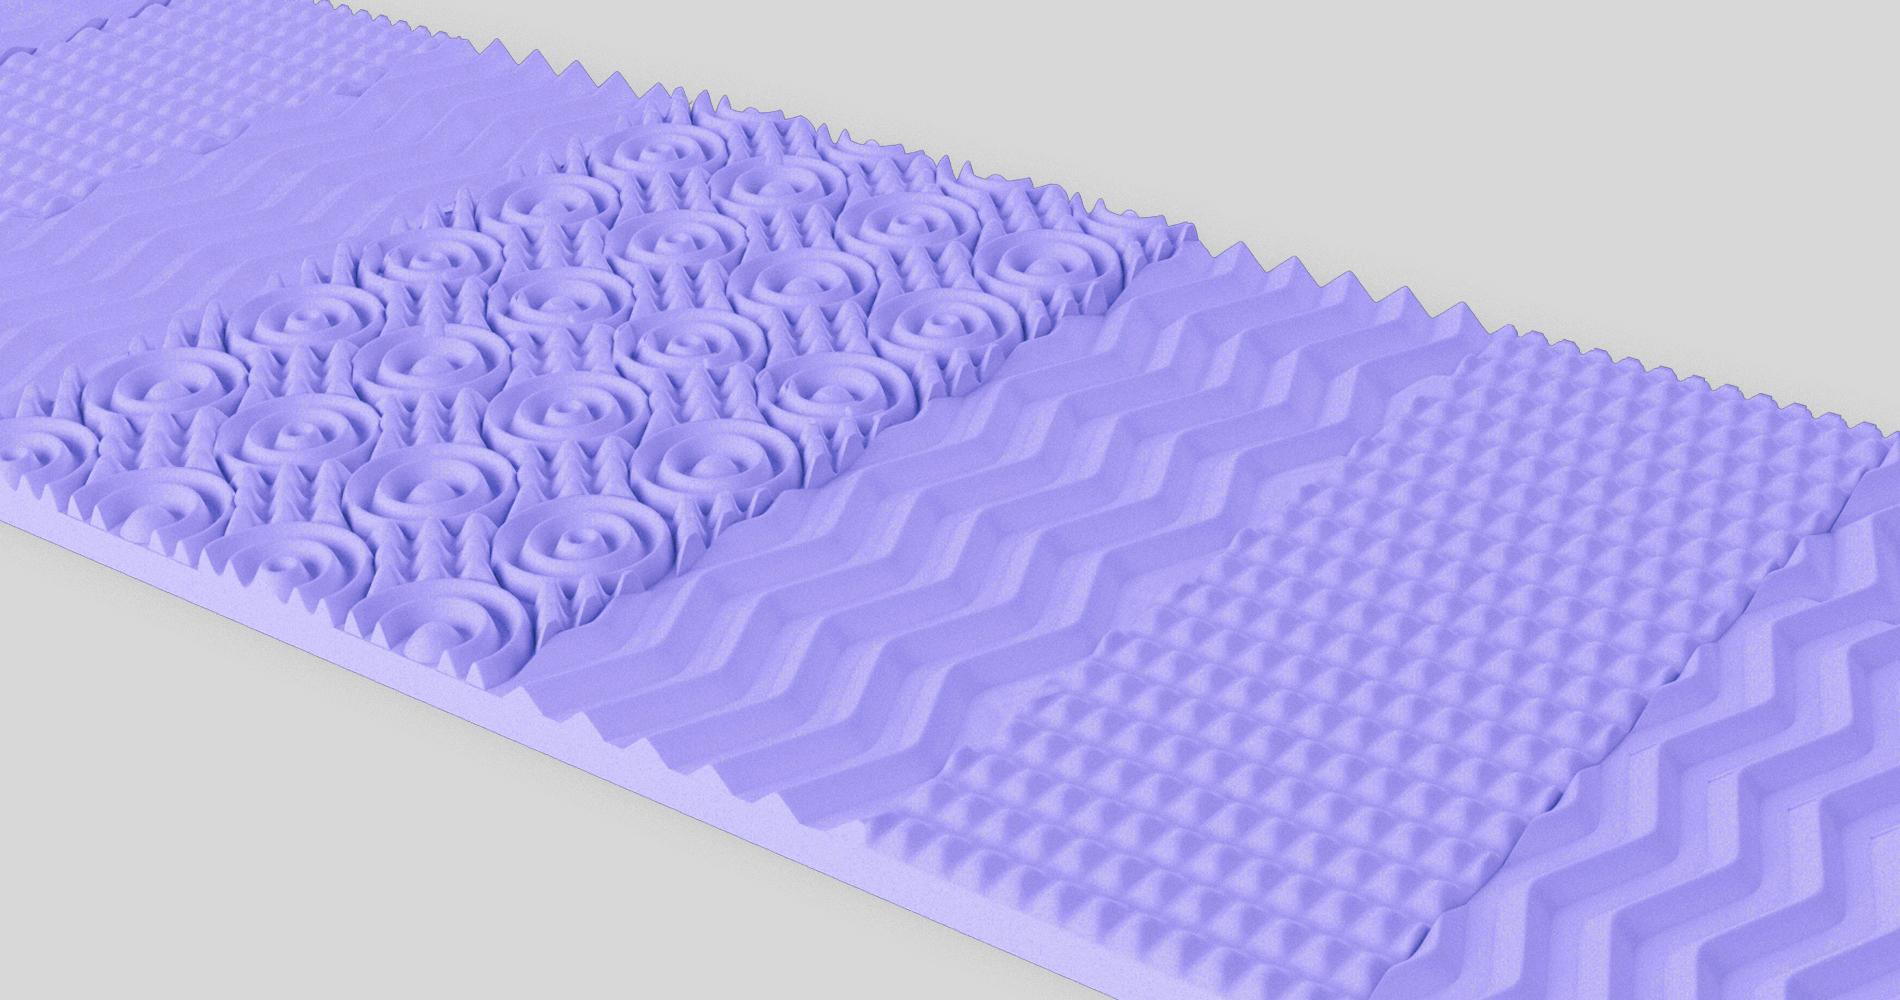 Seven-Z foam